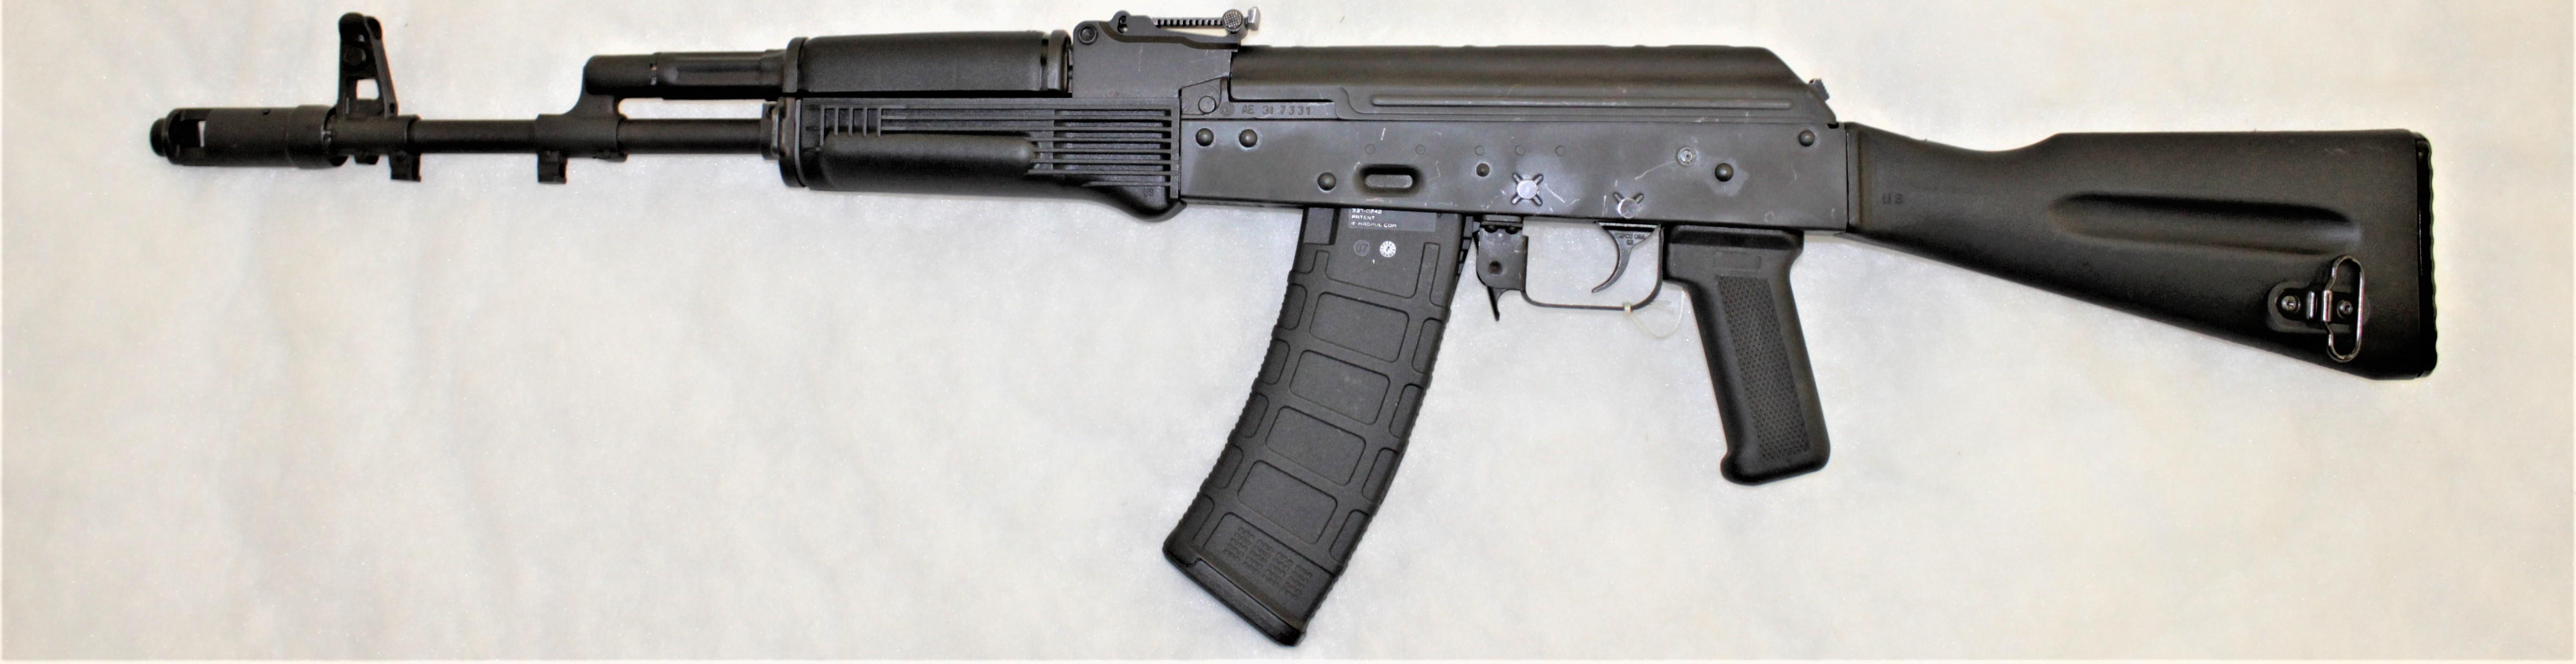 NODAK.SPUD - MODEL AK-74 - RIFLE